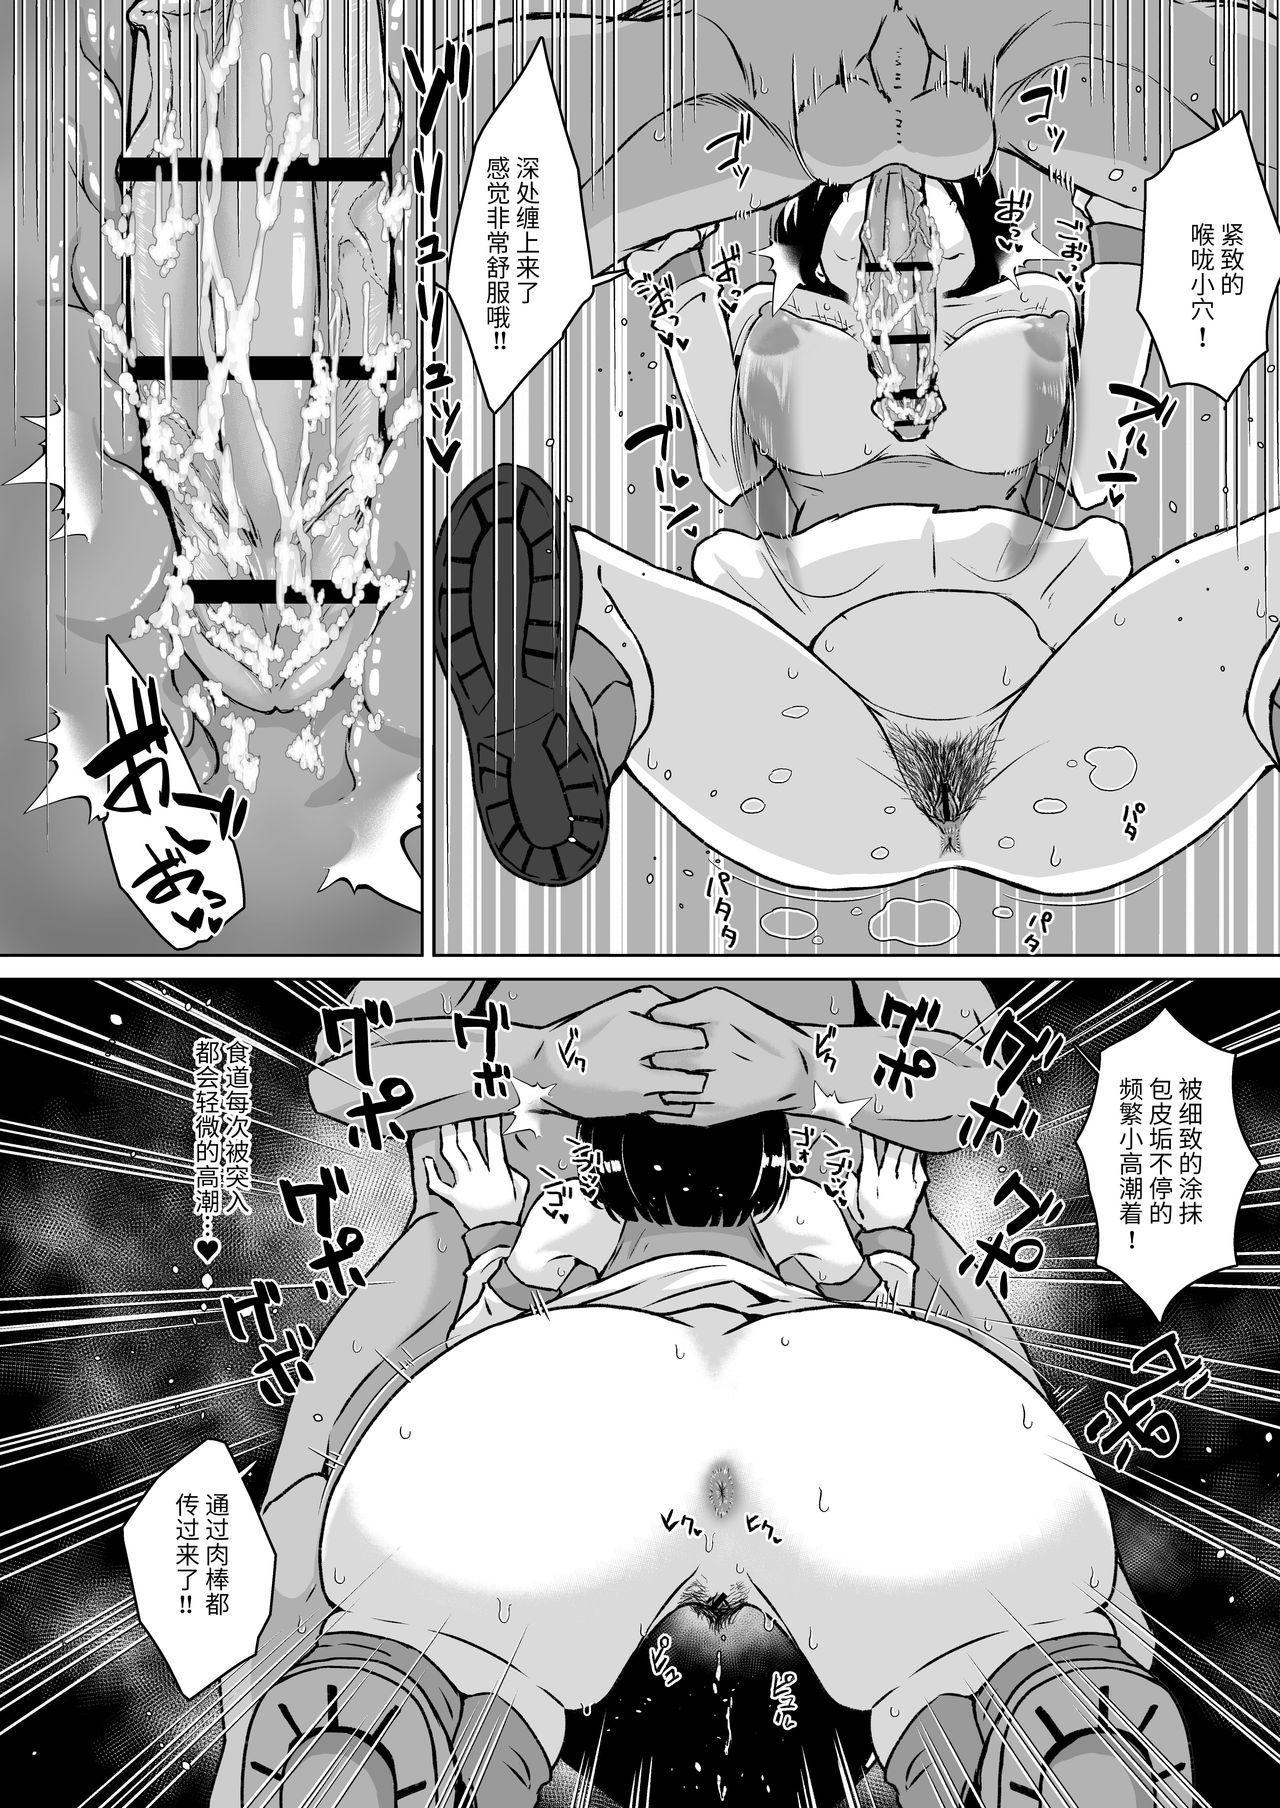 Chinkasu de kimaru Onna-tachi Comic Anthology 70